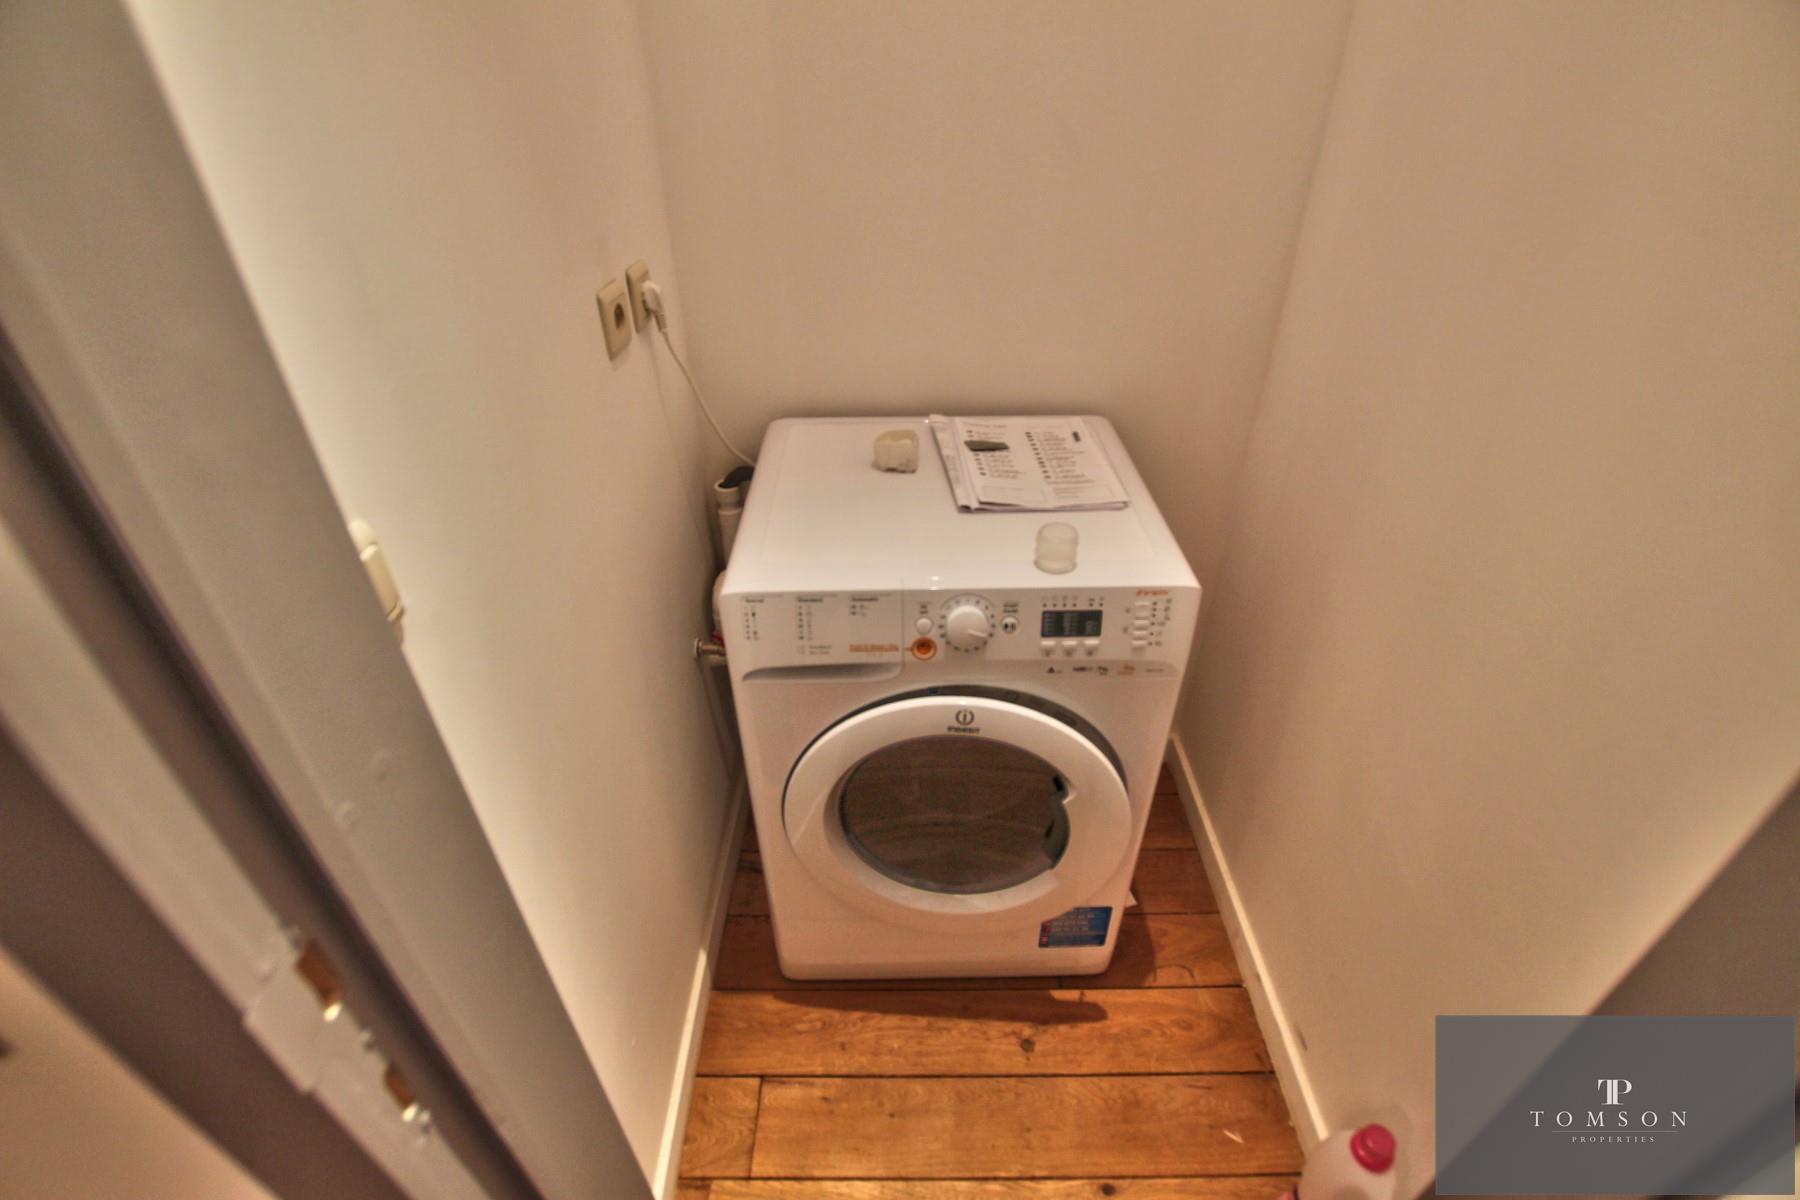 Flat - Ixelles - #4316127-6